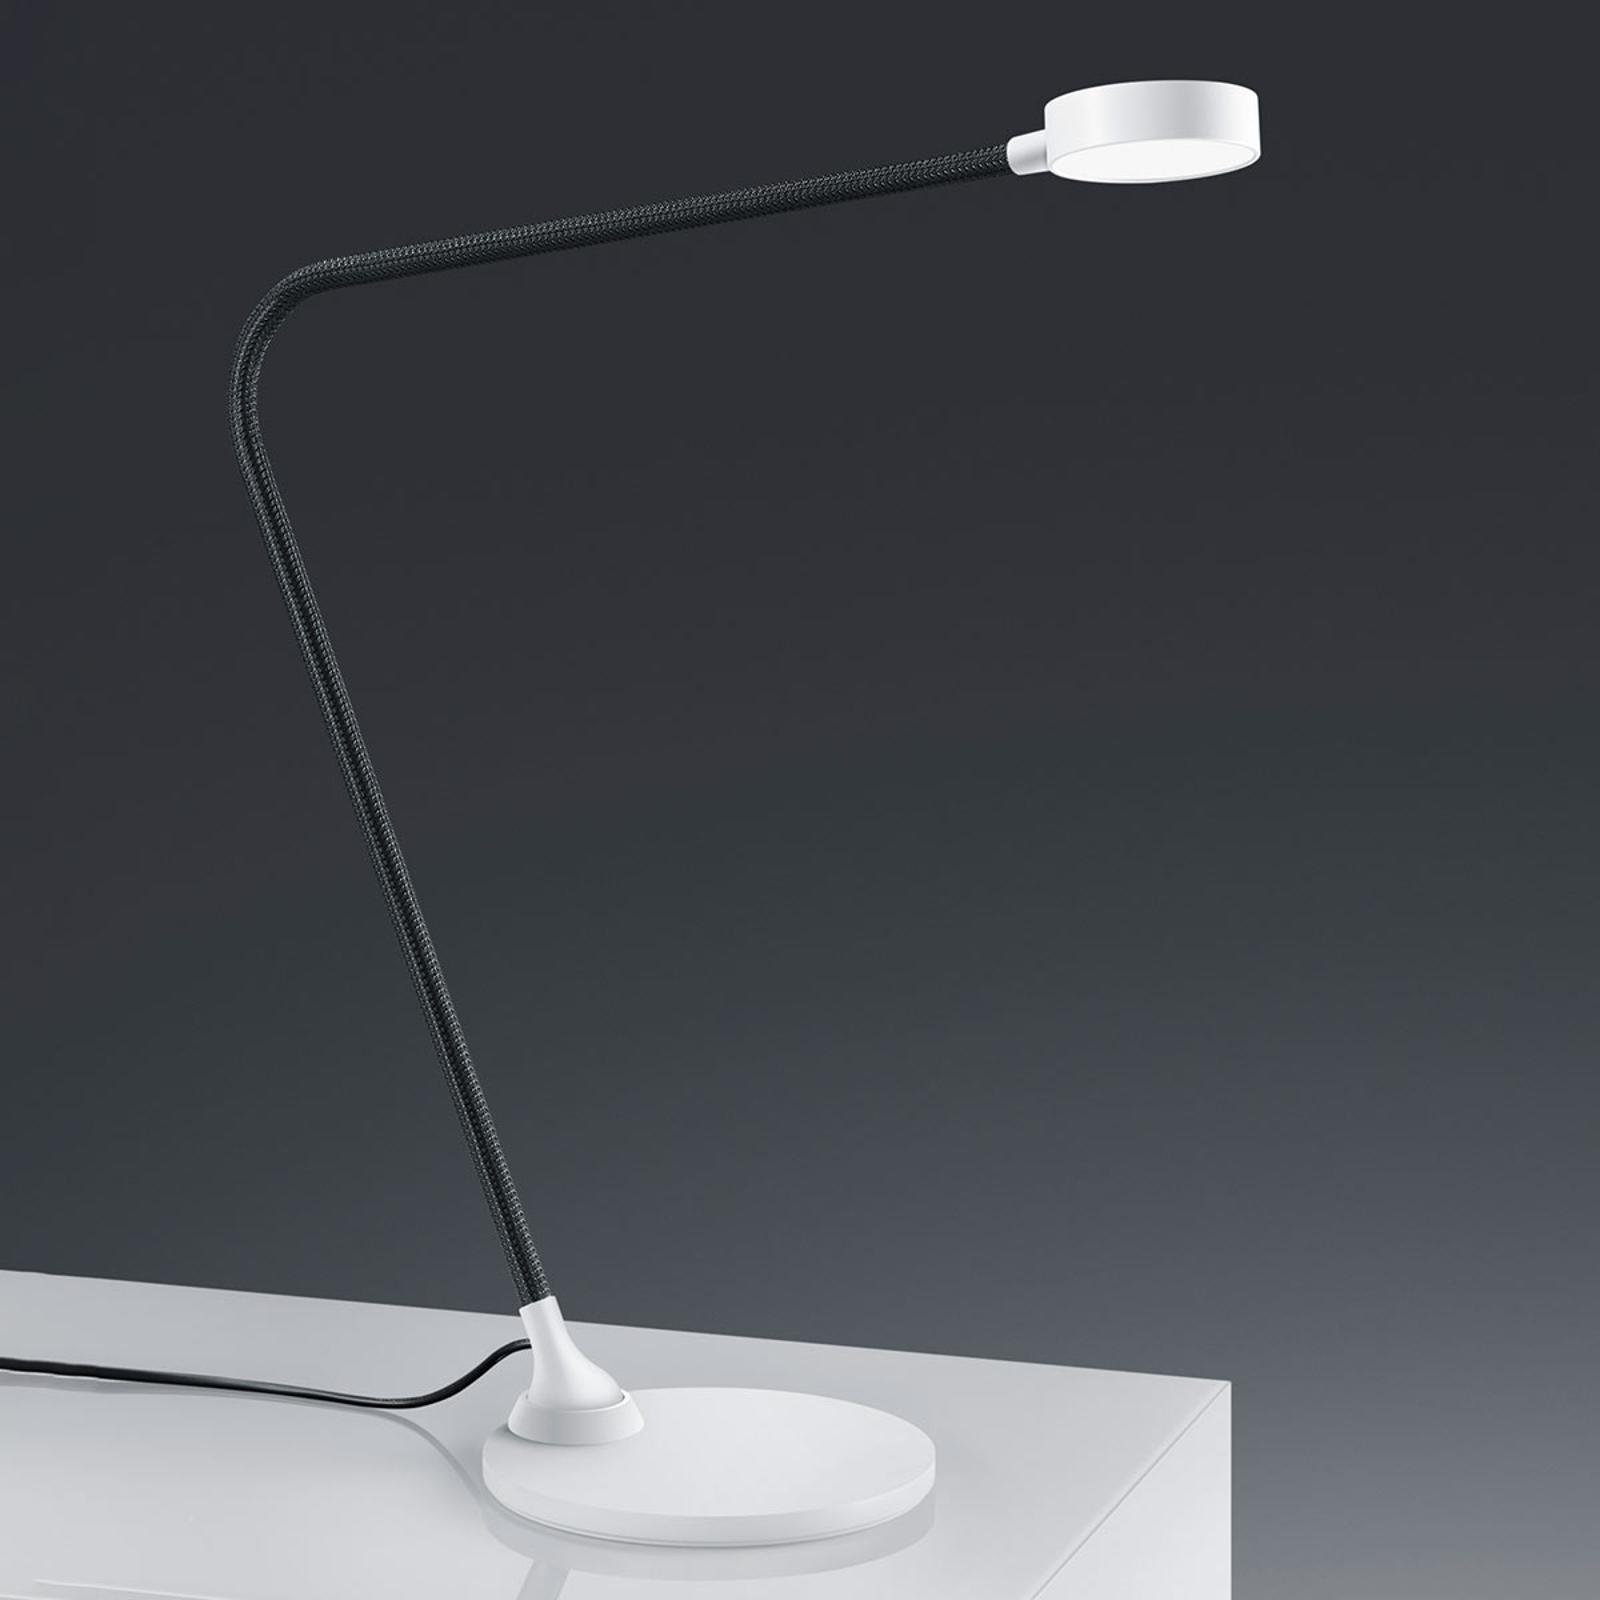 Baulmann 14.107 LED-Tischleuchte, Touchdim, weiß